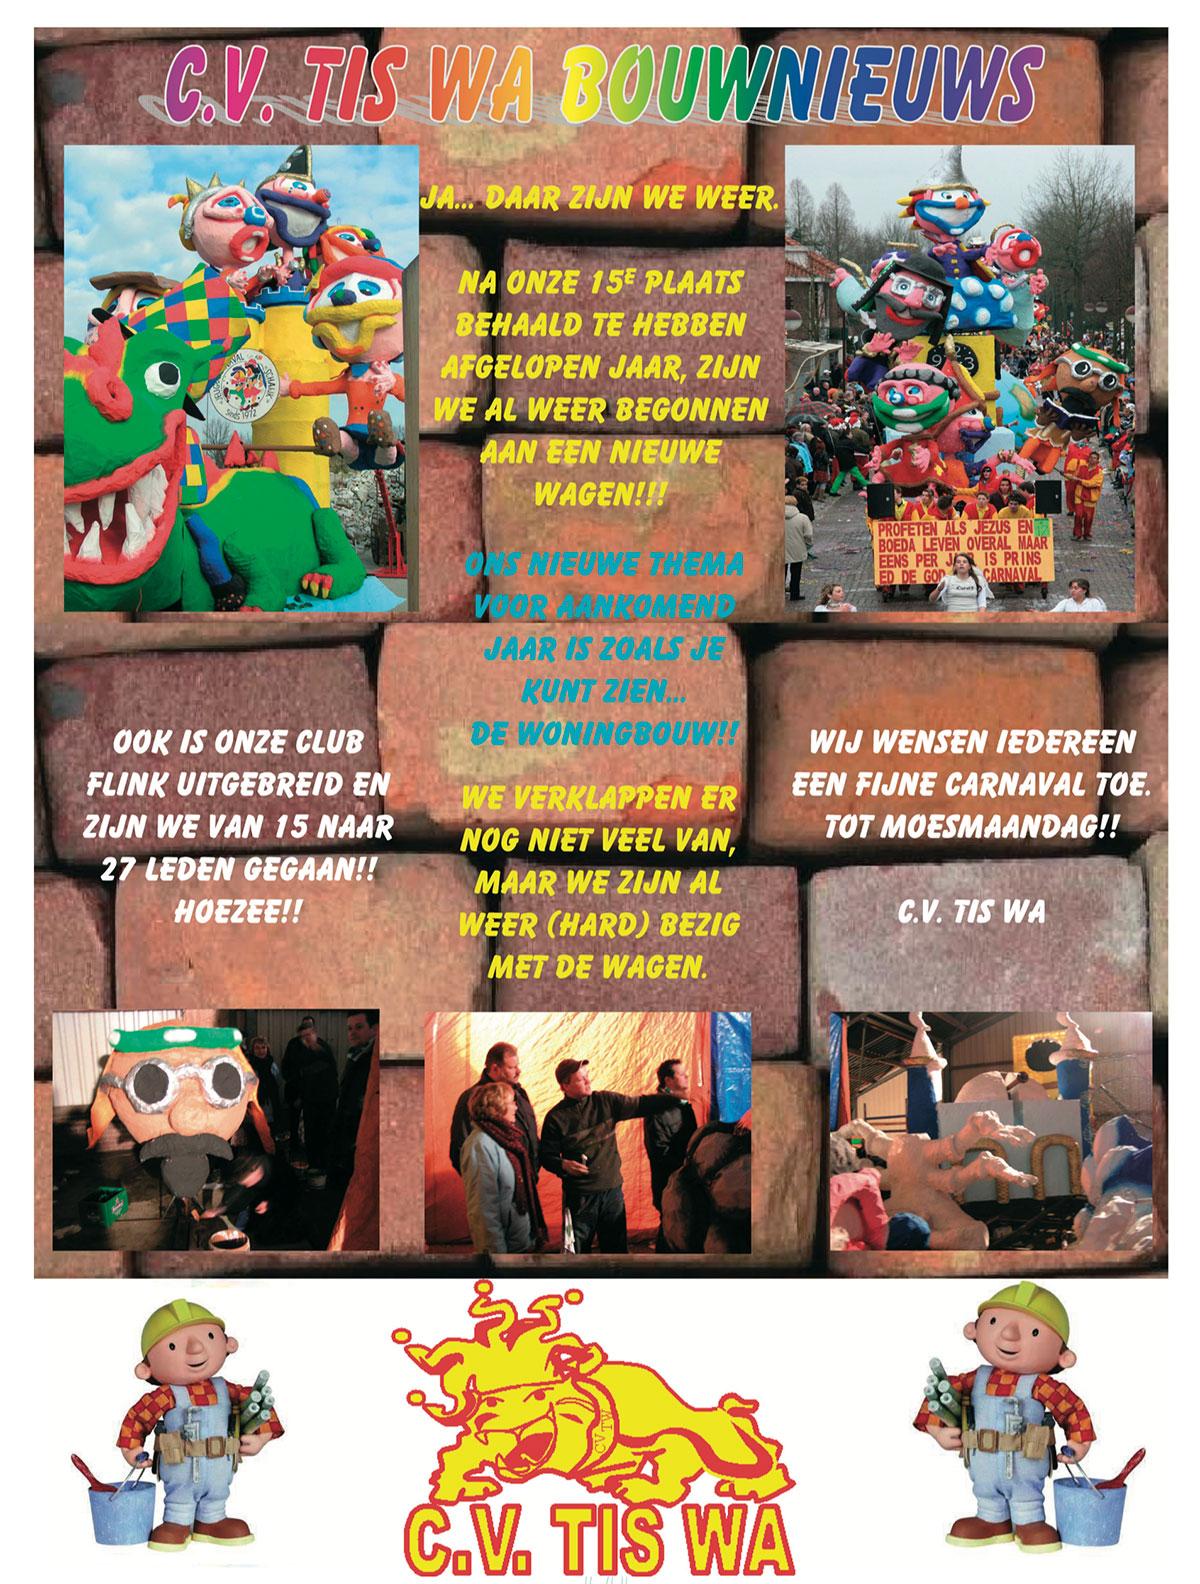 Stukje uit de carnavalskrant van Tis Wa - 2007